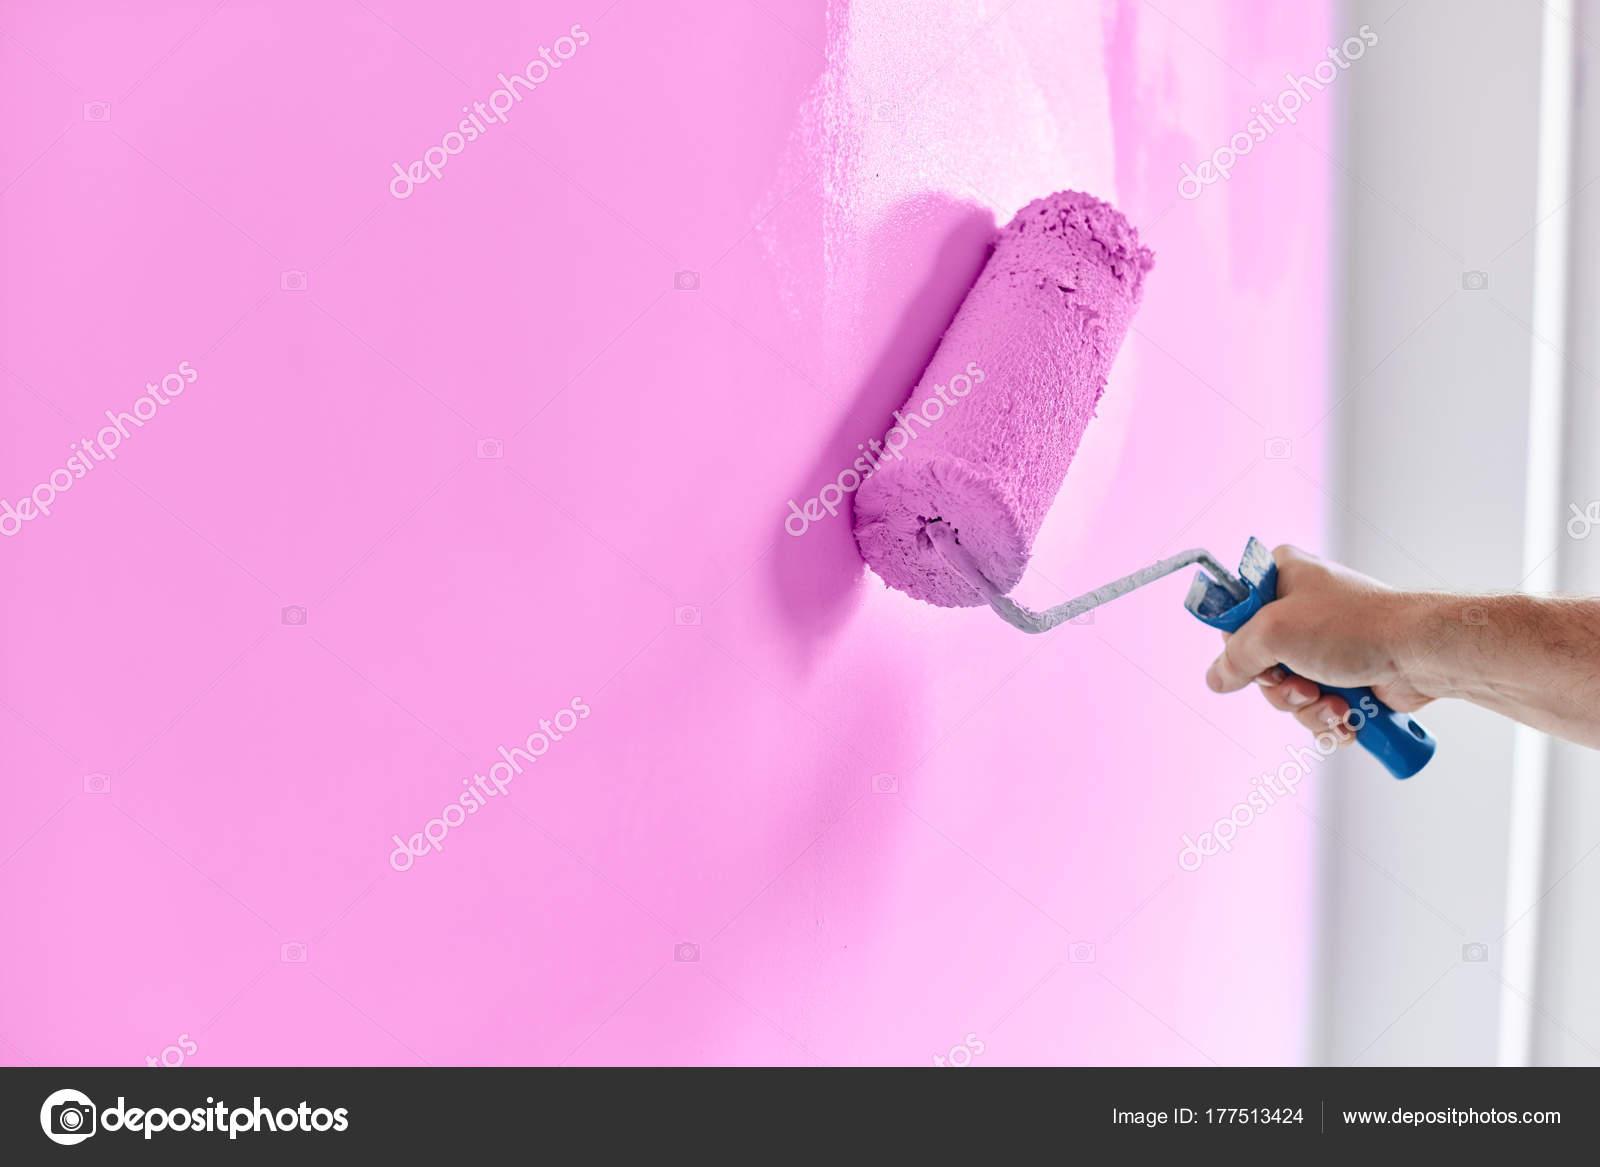 Couleur Lavande Peinture hommes de main peinture mur avec rouleau à peinture. appartement de